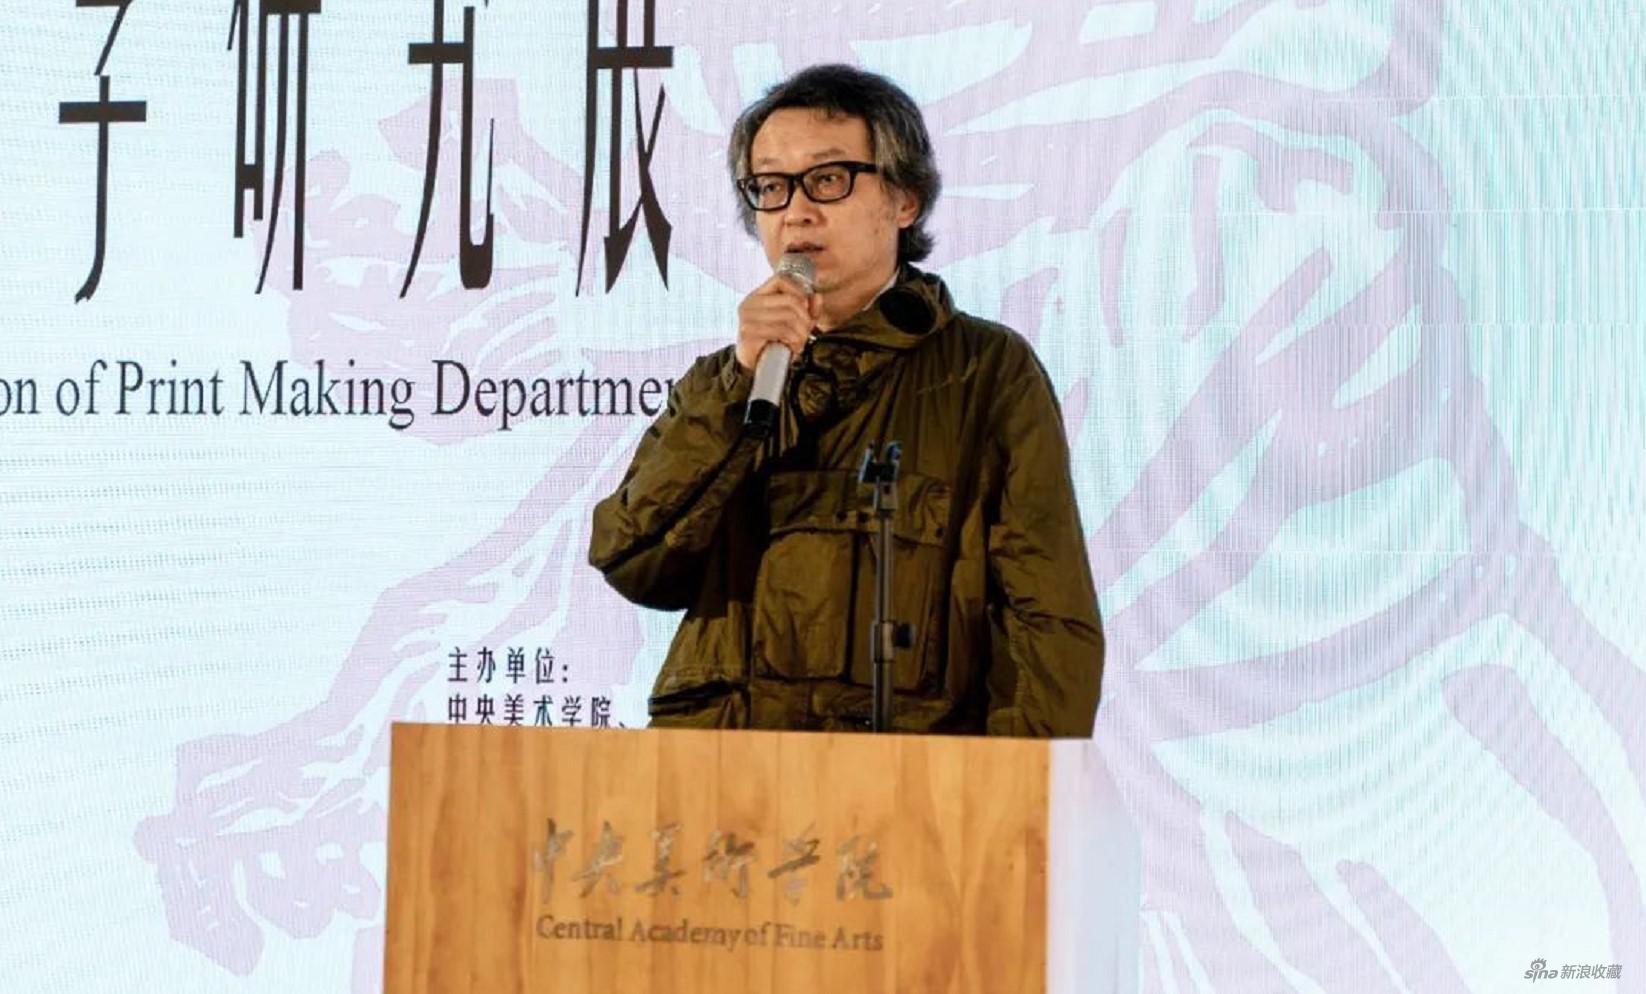 中央美术学院版画系副主任、第六工作室主任、本次展览策展人之一冯梦波致辞